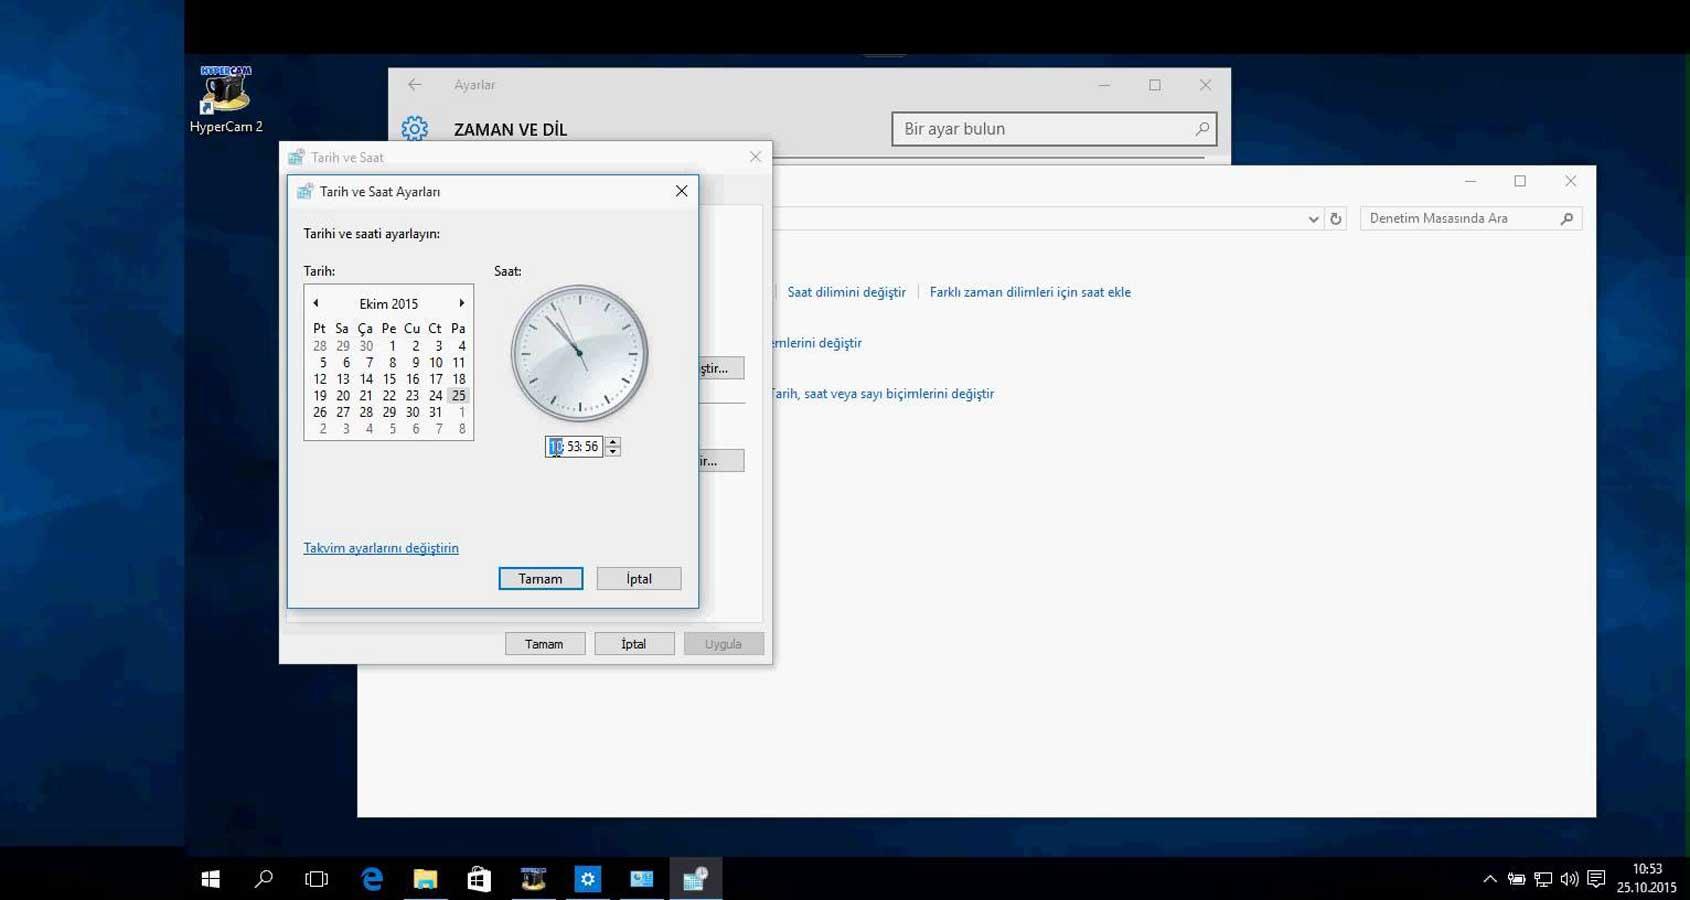 bilgisayar saati sürekli değişiyor Bilgisayar Saati Sürekli Değişen Bilgisayar Saati tarih ve saat